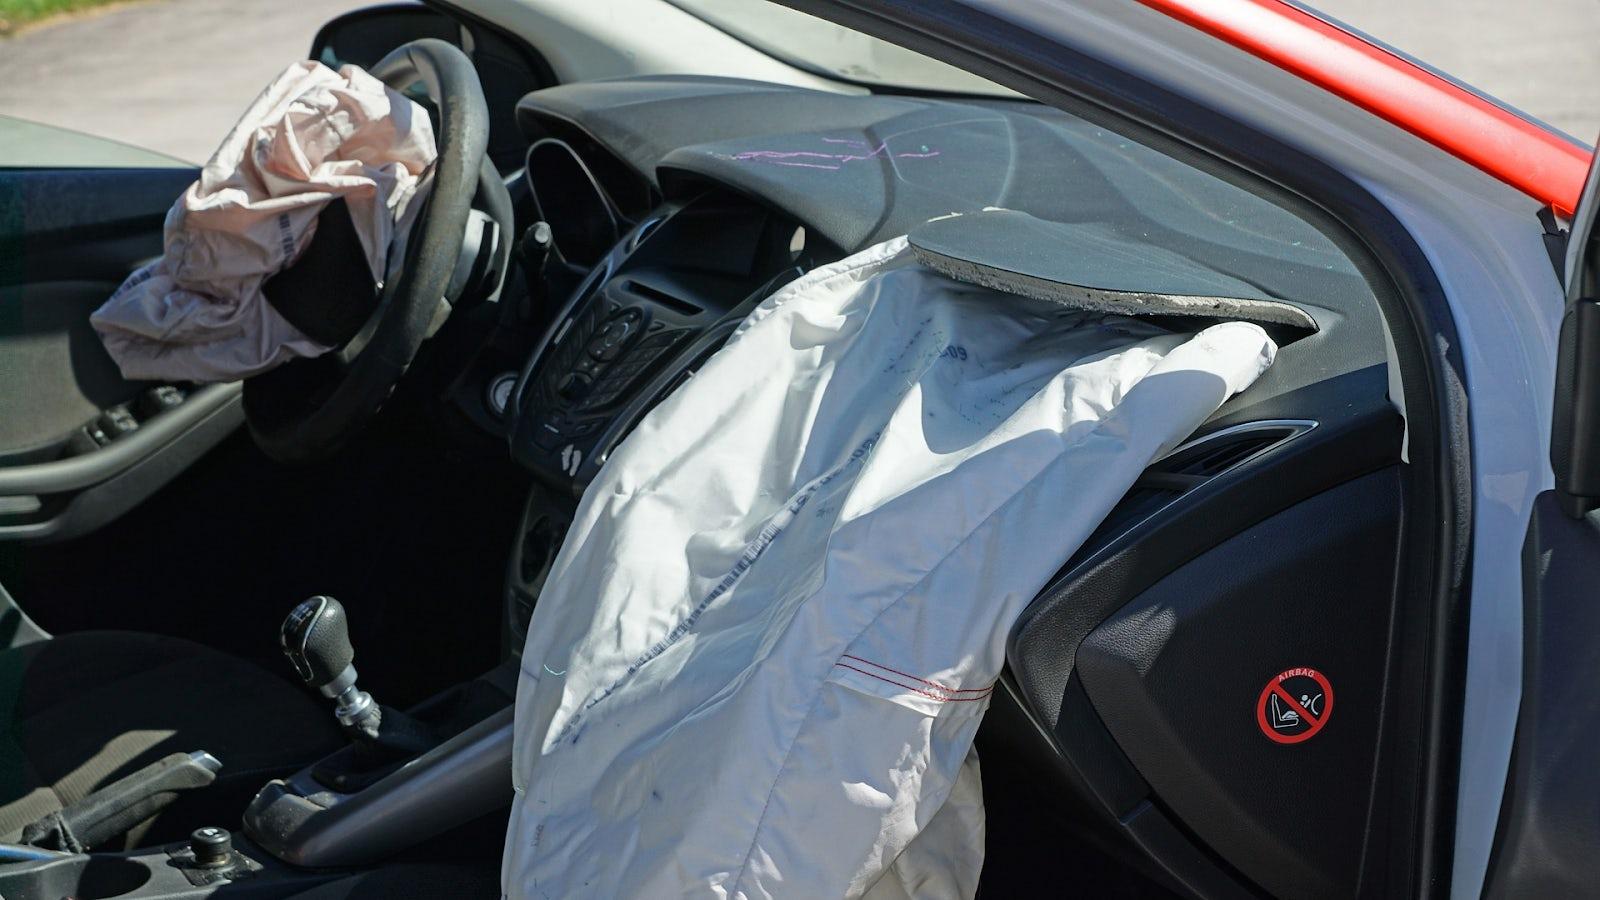 En airbag som blivit utlöst pga krock.